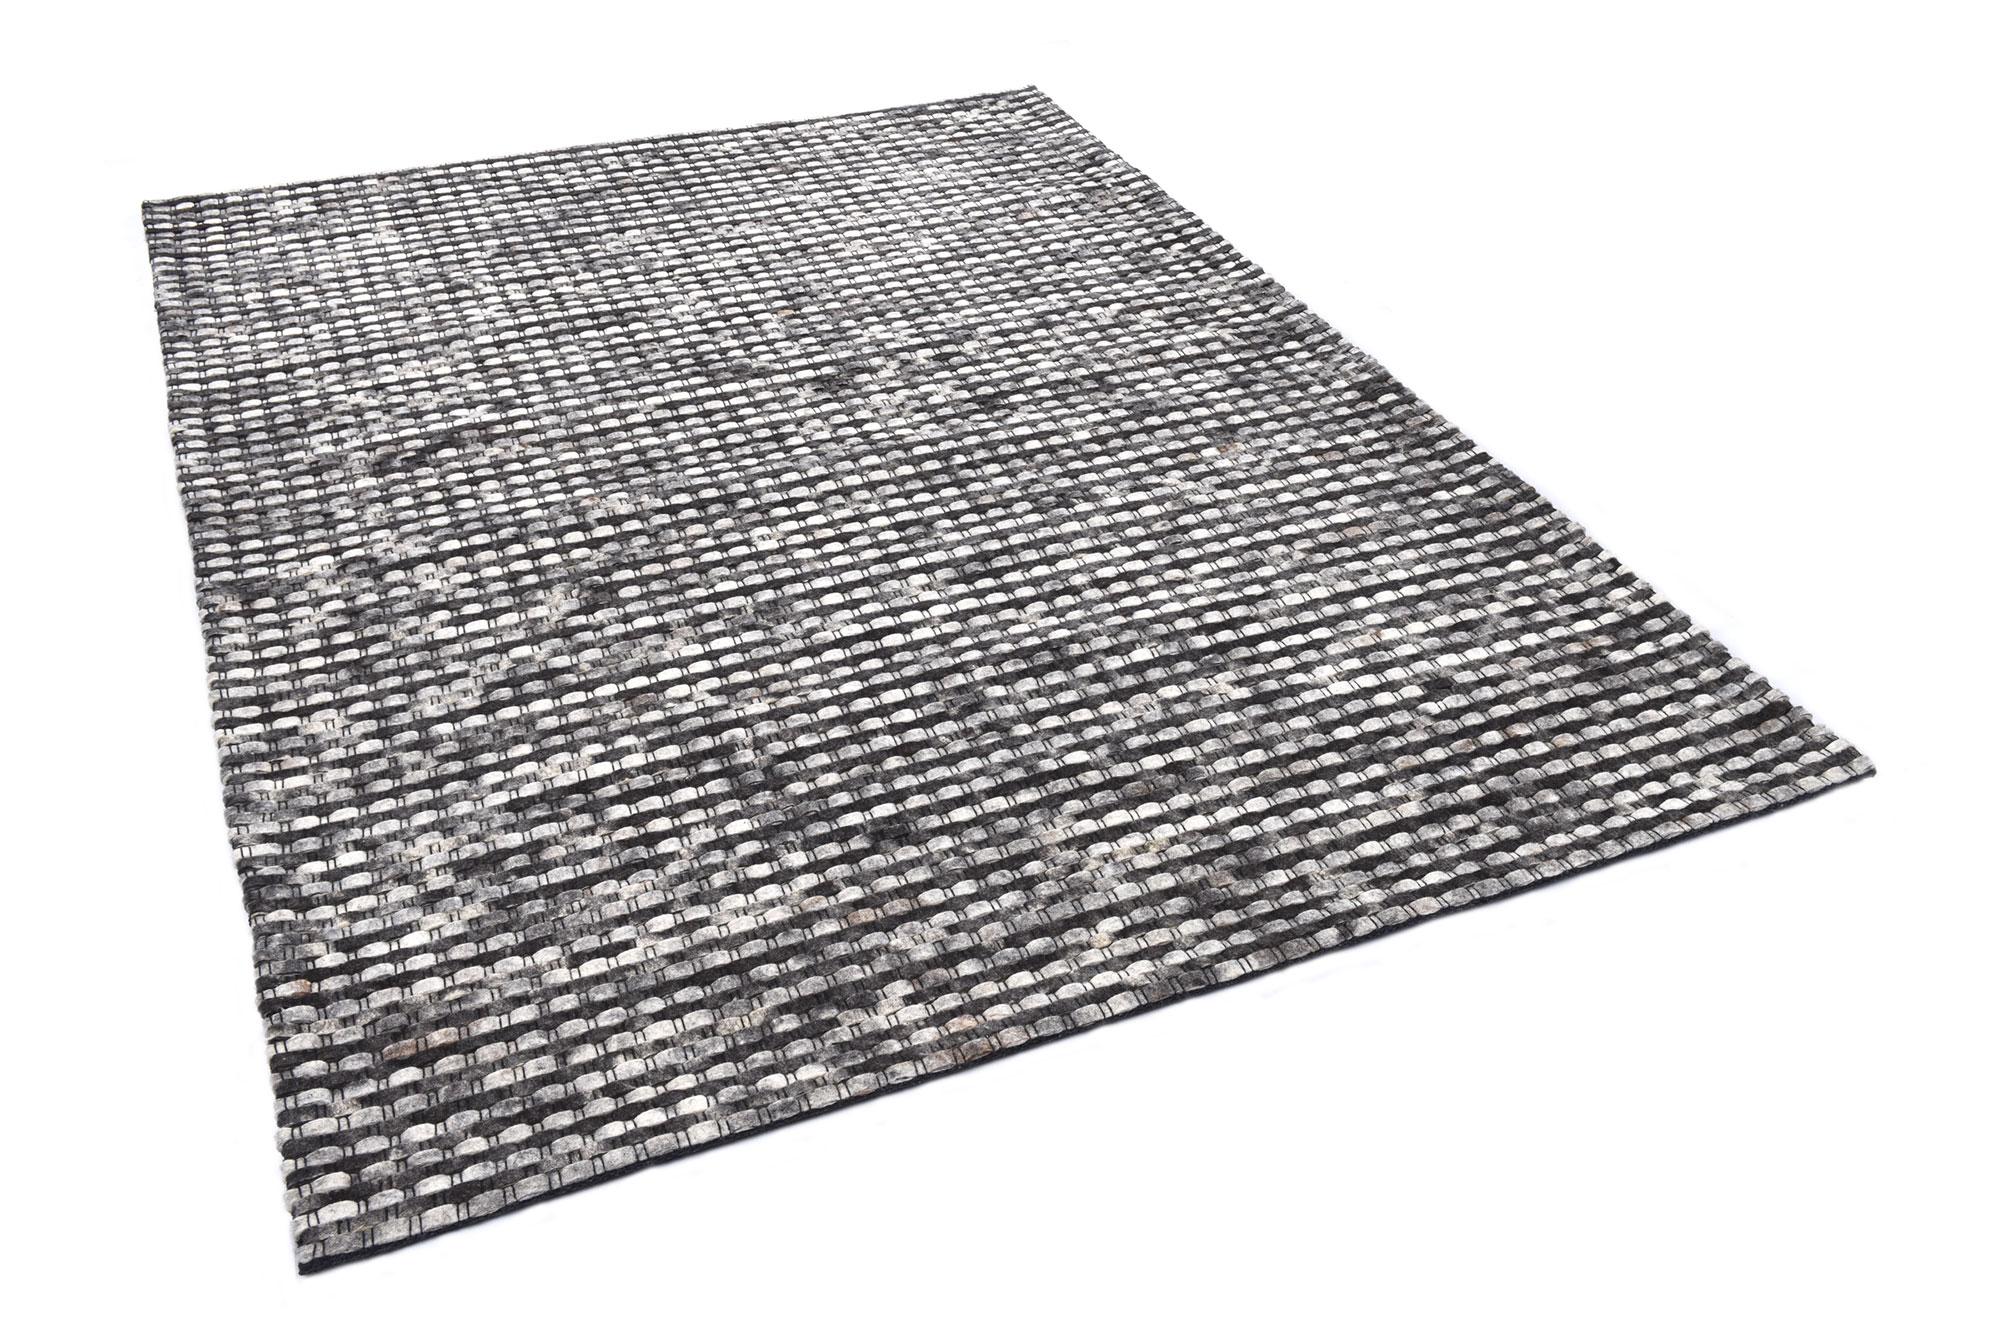 Tauern Teppich 140x200cm